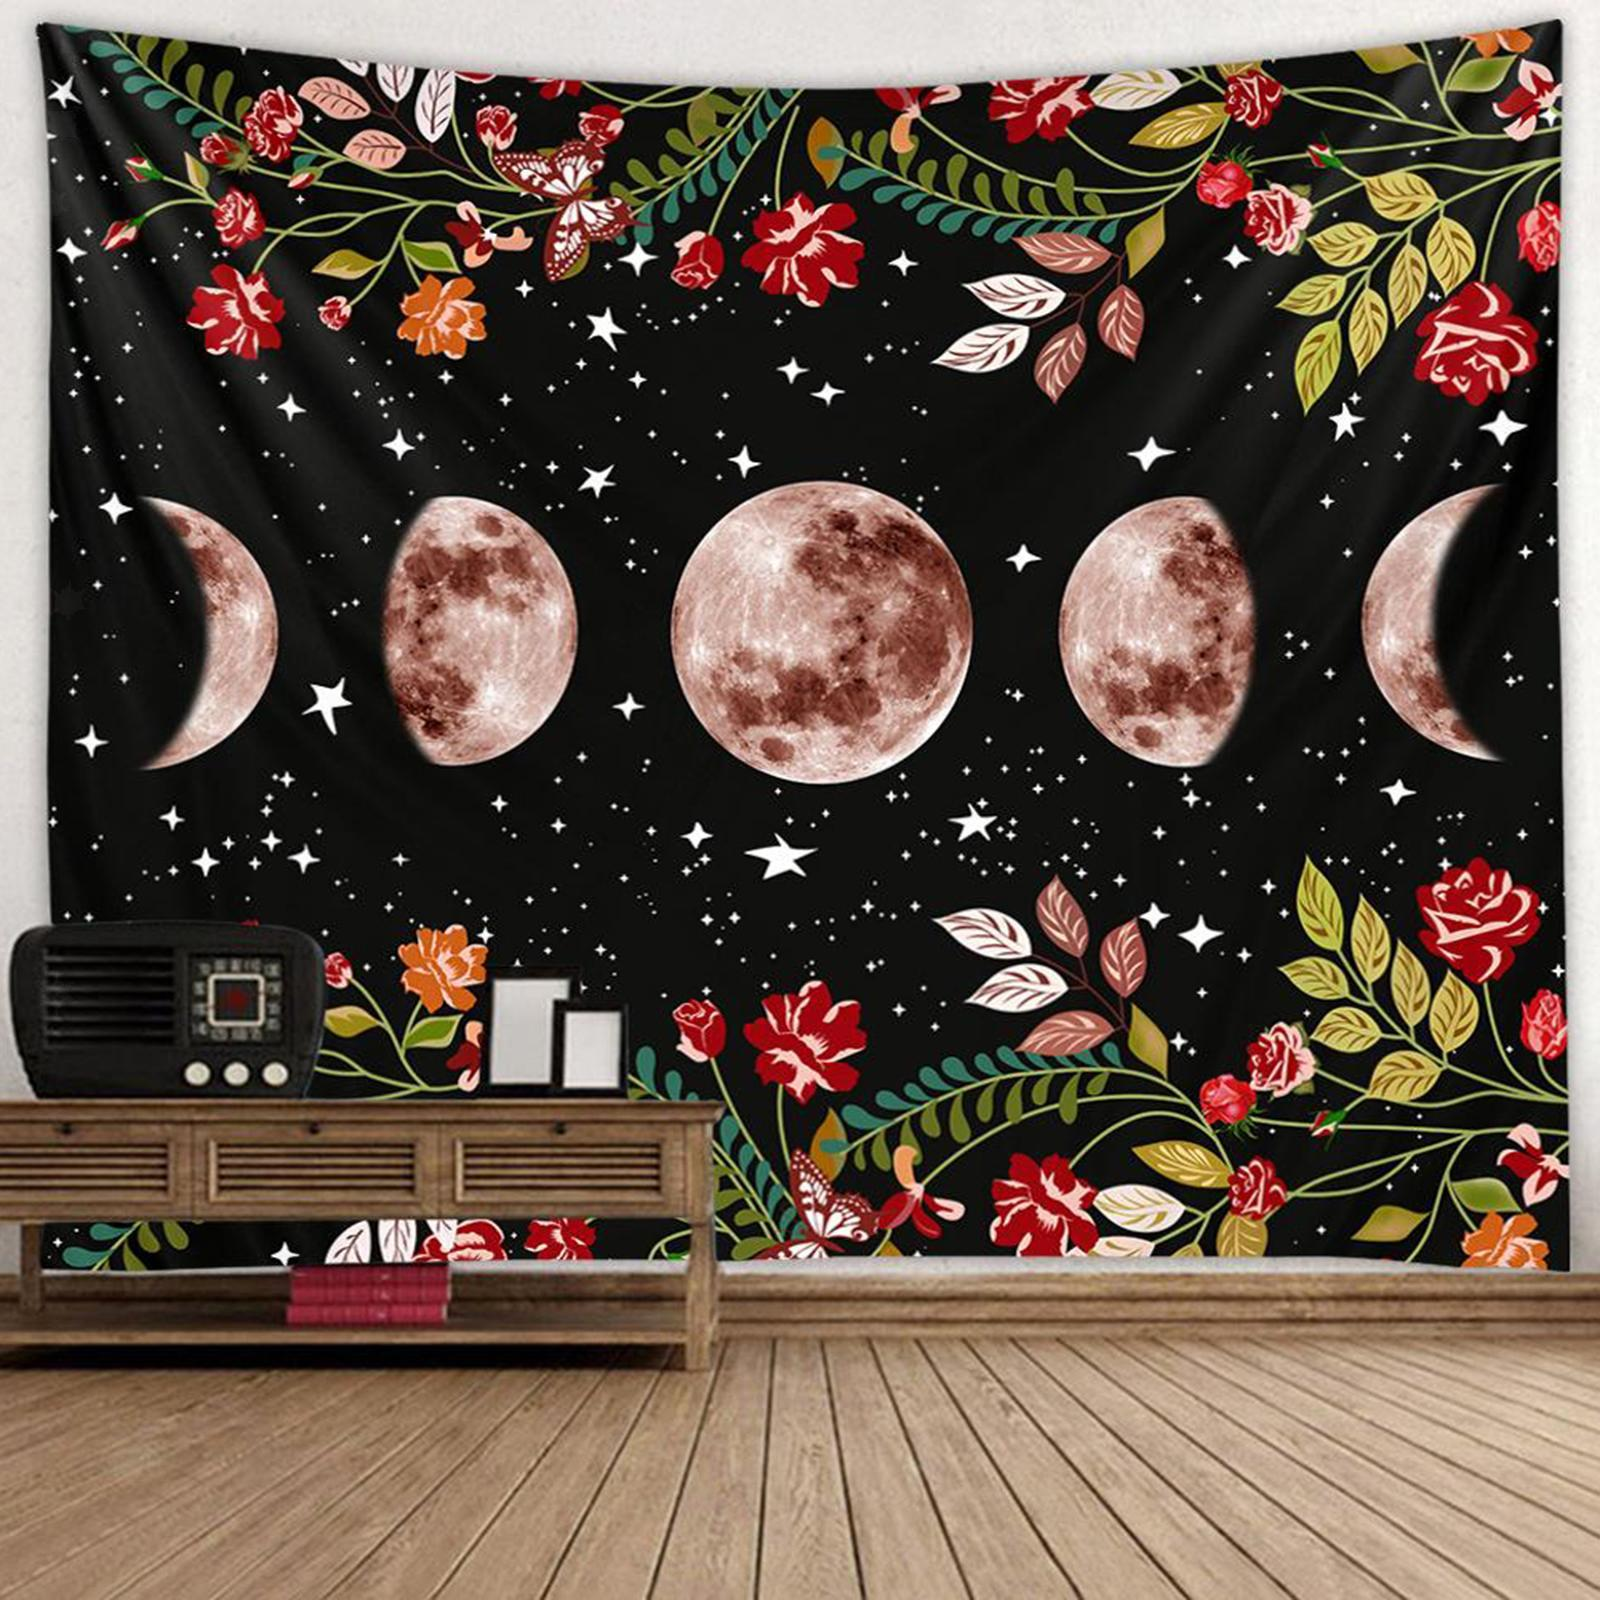 Arazzo-da-giardino-Moon-Star-Arazzi-Fiore-Vine-Arazzo-da-parete-Sfondo-nero miniatura 4